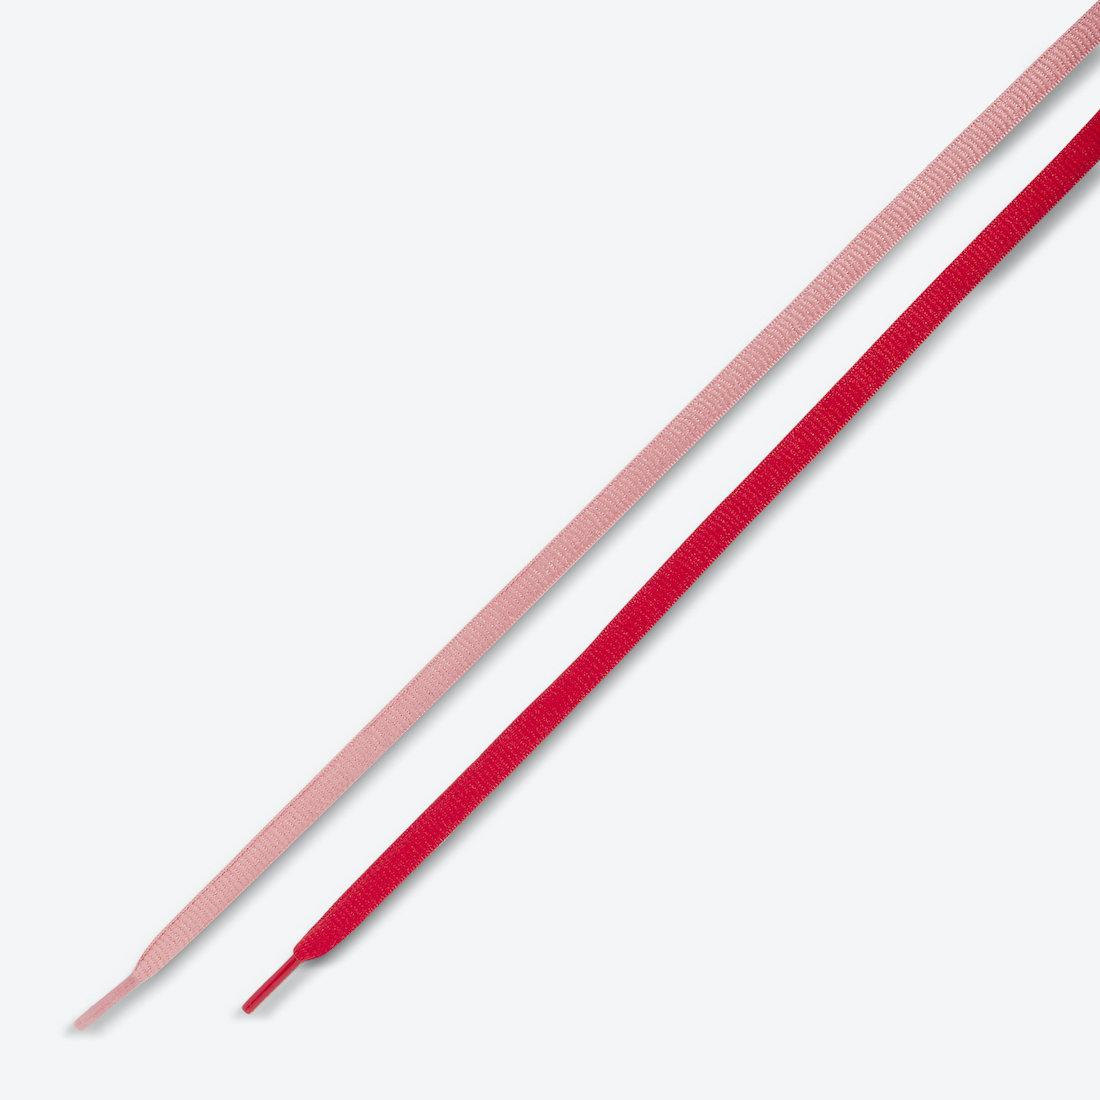 ナイキ SB ダンク ロー ピンク ピッグ nike-sb-dunk-low-pink-pig-first-closer-look-porsche-917-20-main